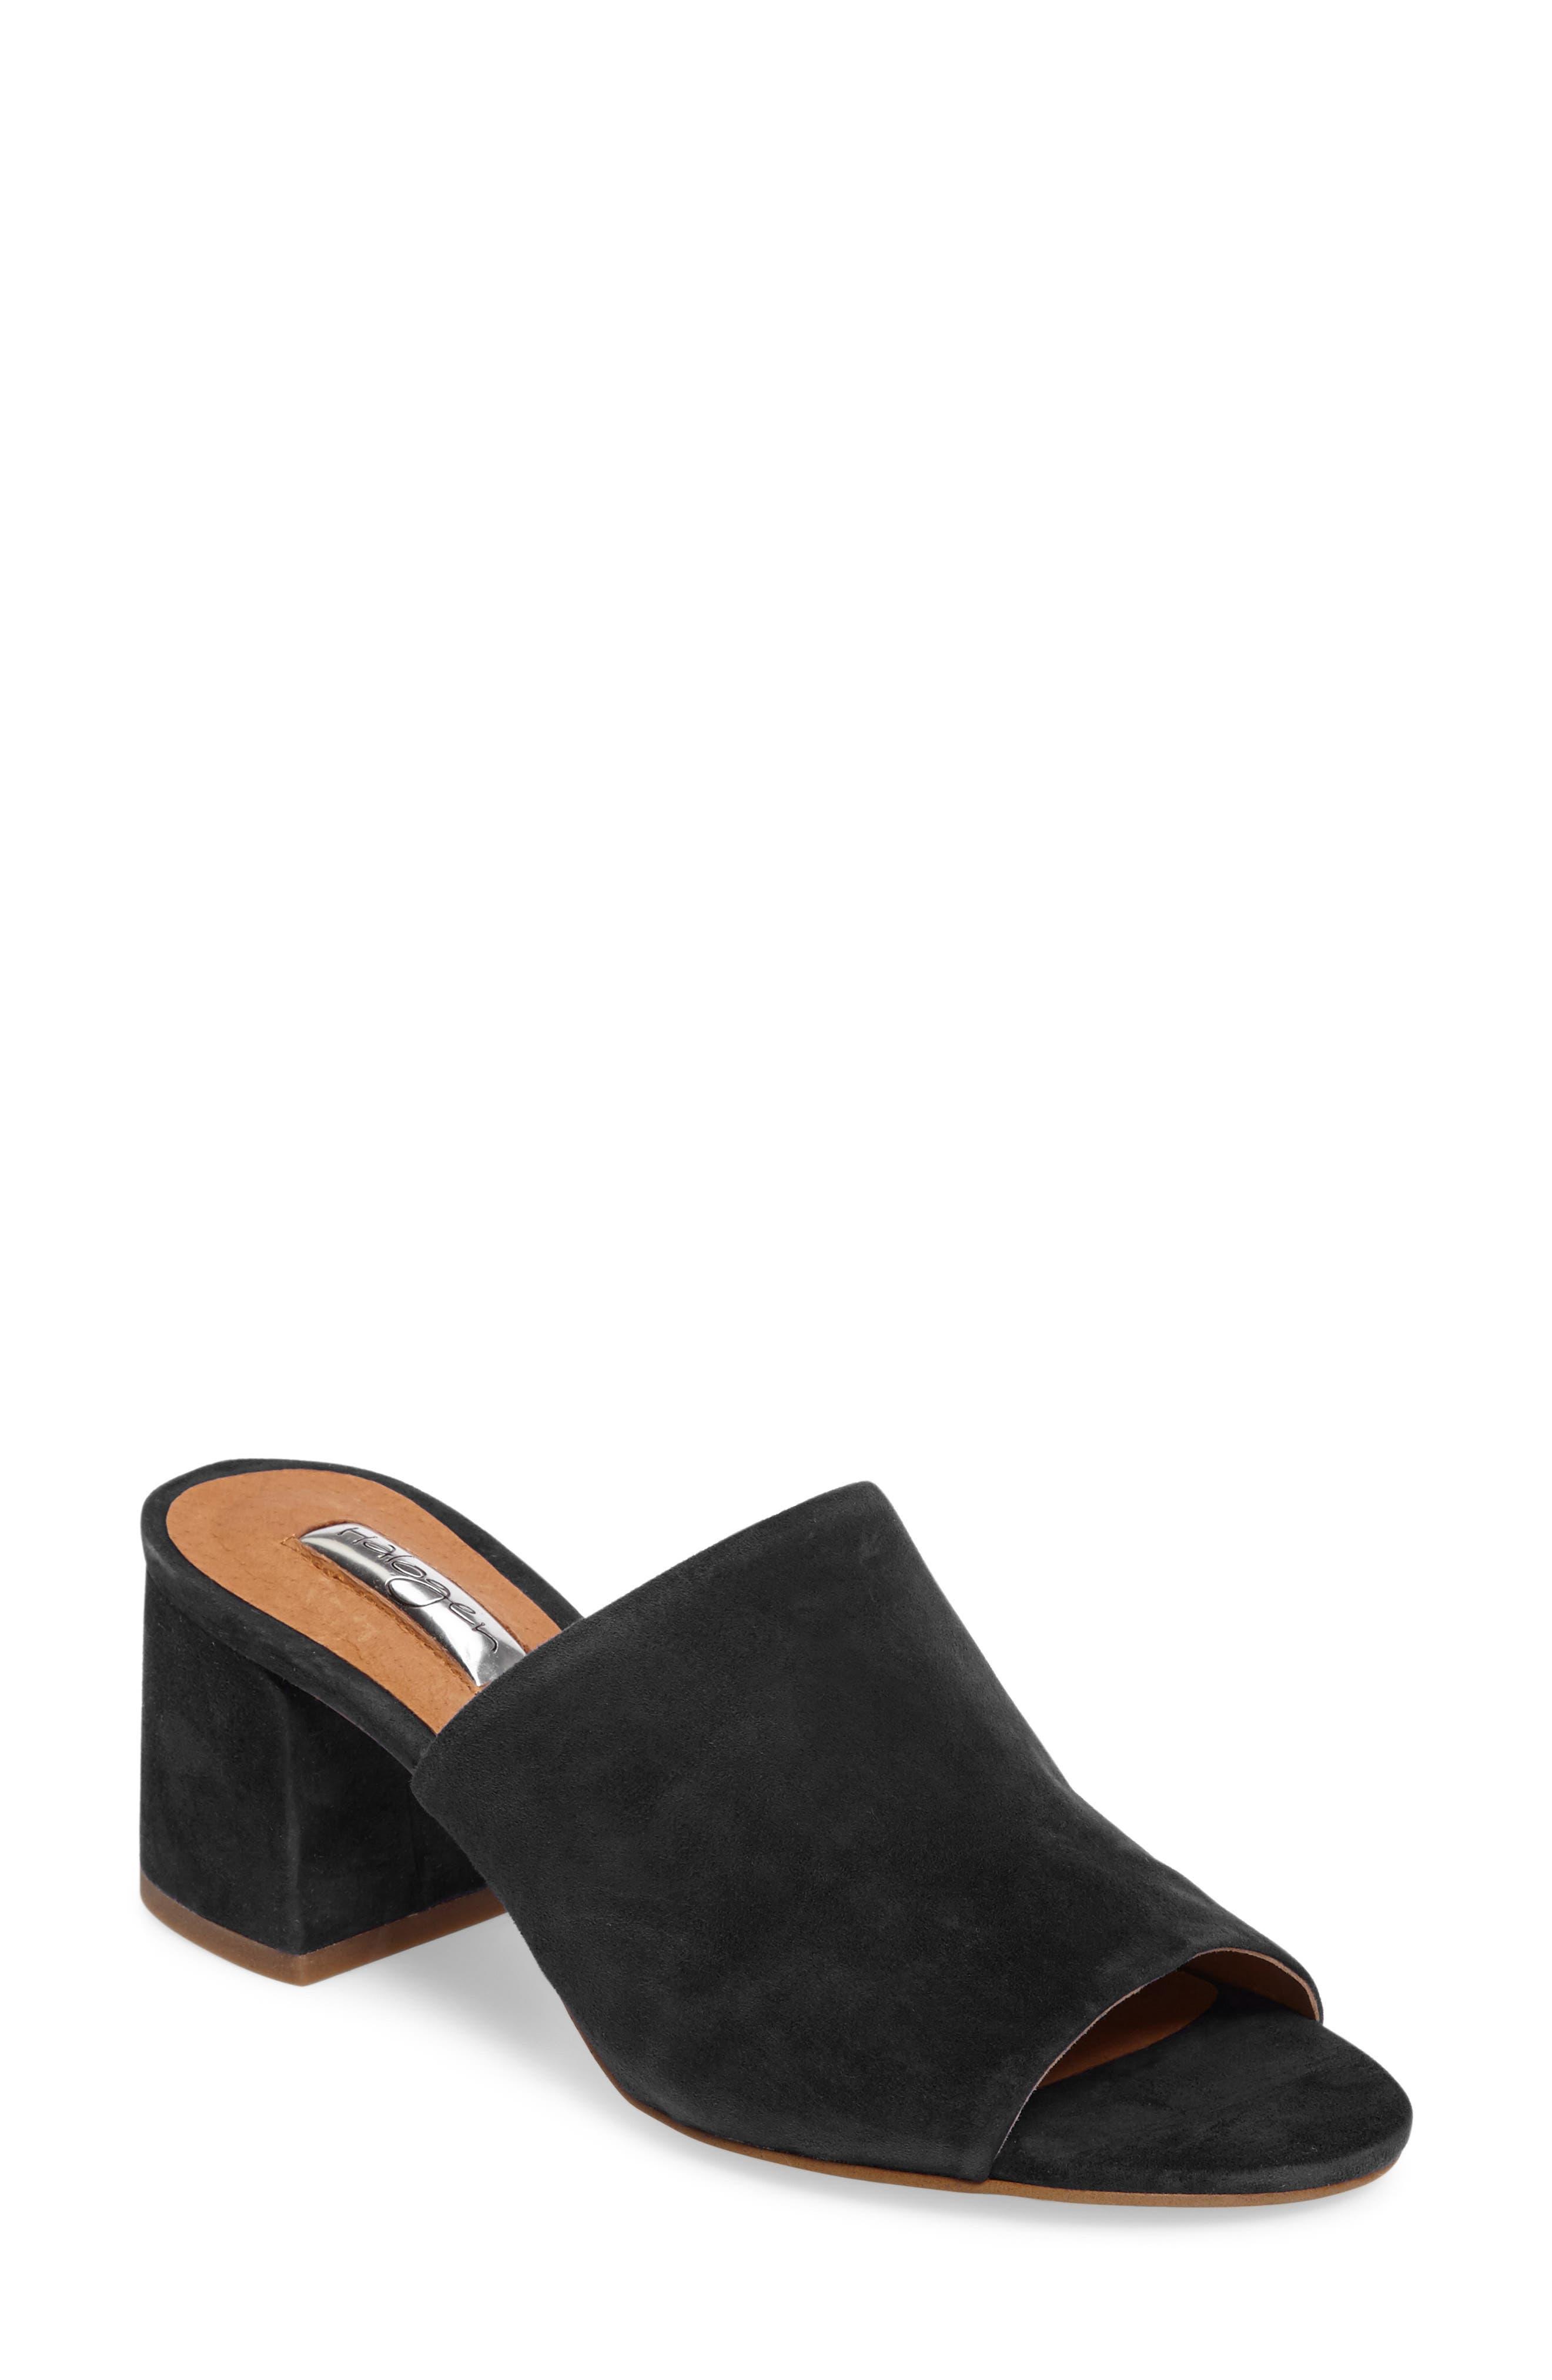 Freda Slide Sandal,                         Main,                         color, BLACK SUEDE